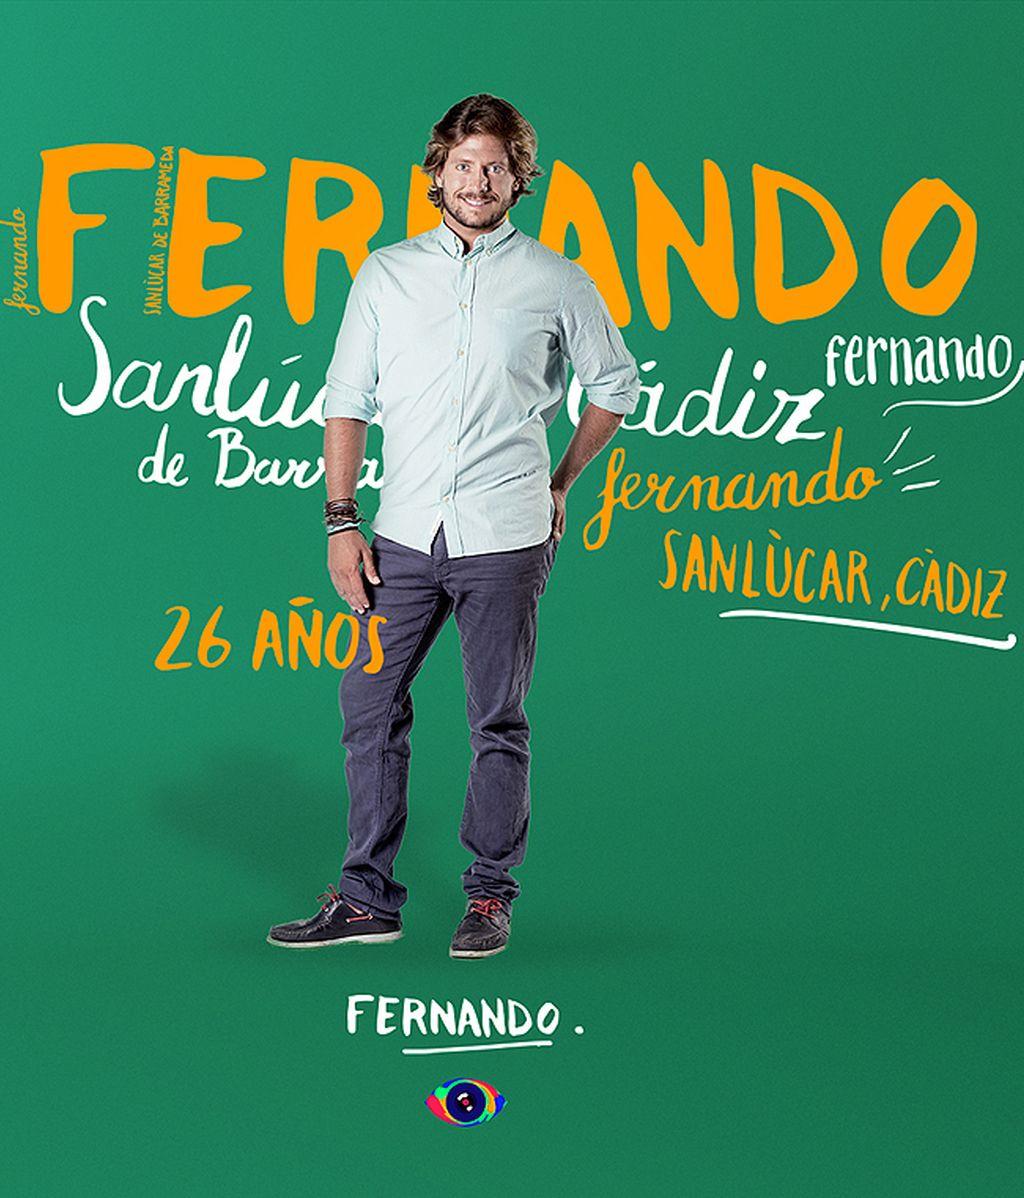 Fernando, 26 años (San Lúcar de Barrameda)